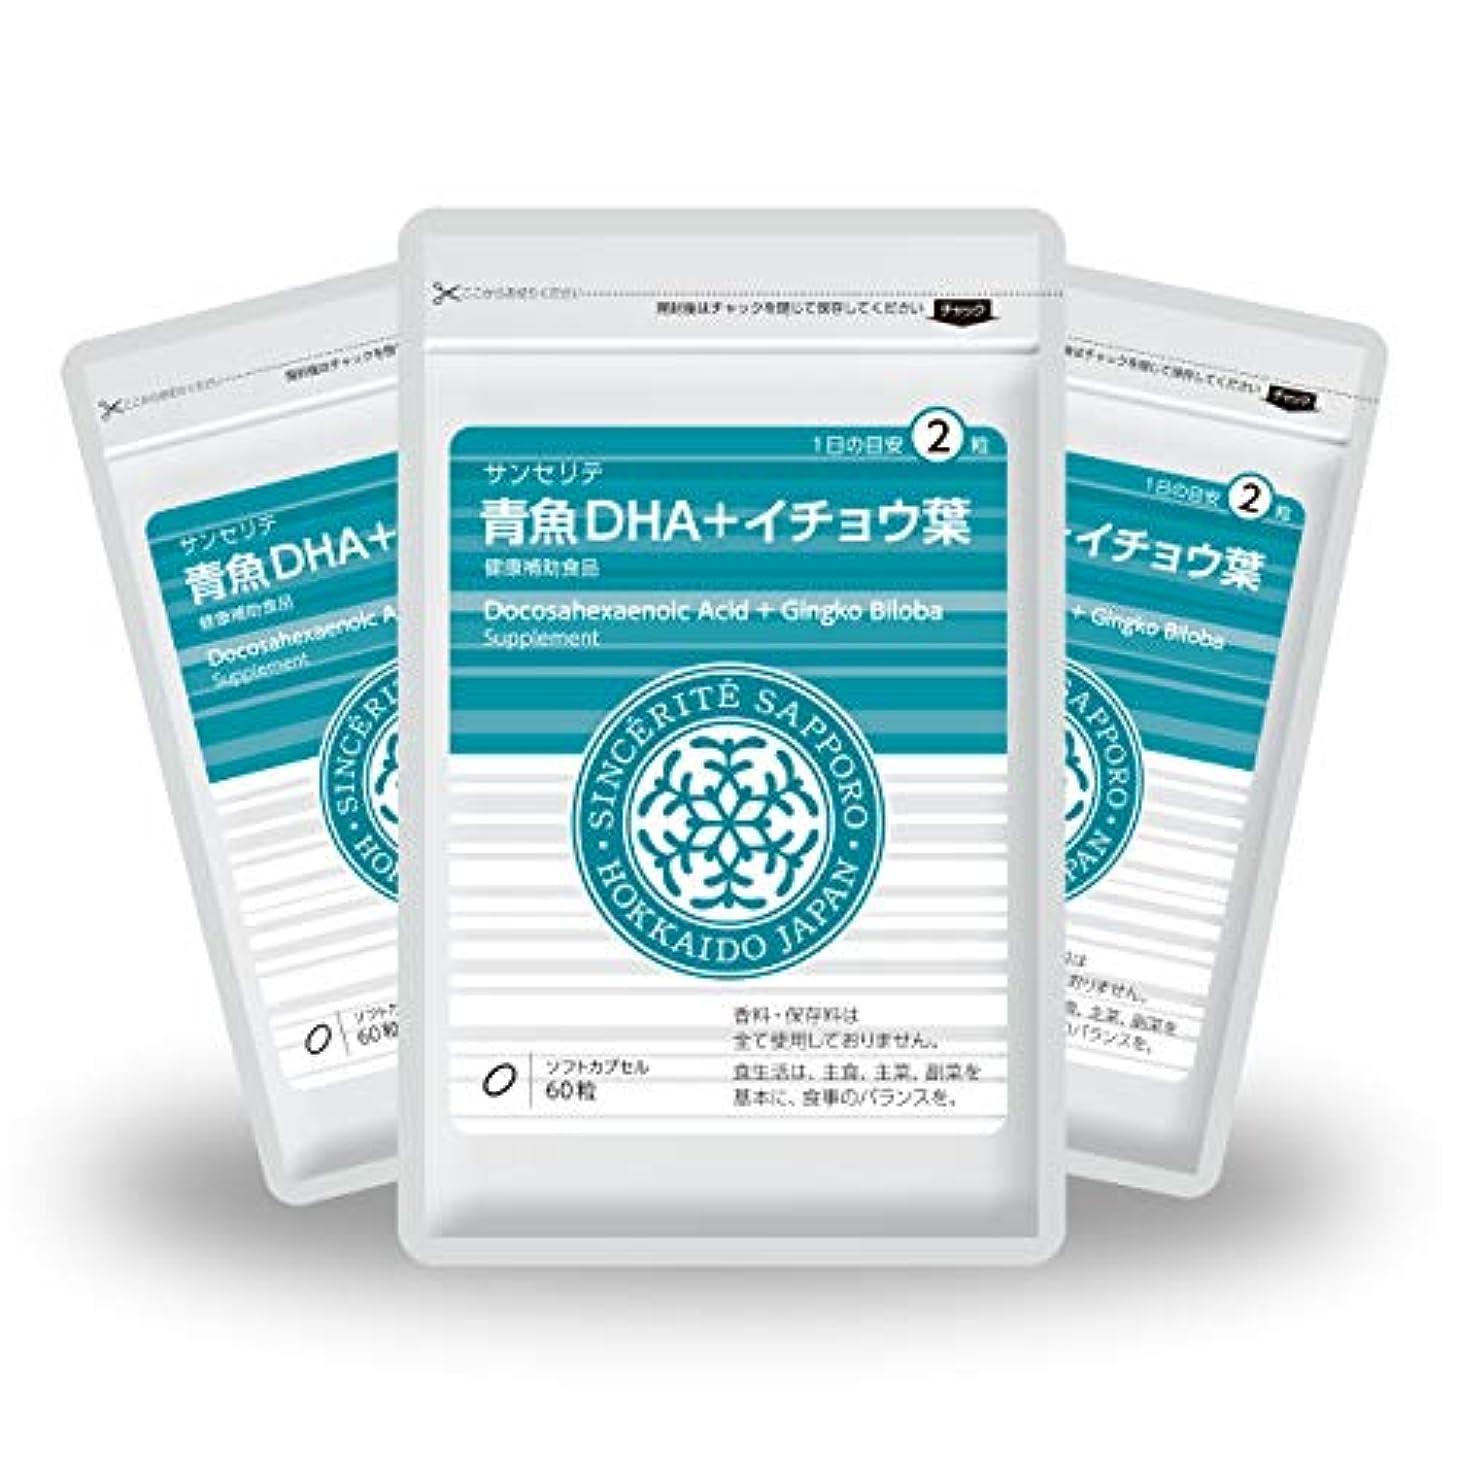 つづり詳細に底青魚DHA+イチョウ葉 3袋セット[送料無料][DHA]101mg配合[国内製造]お得な90日分